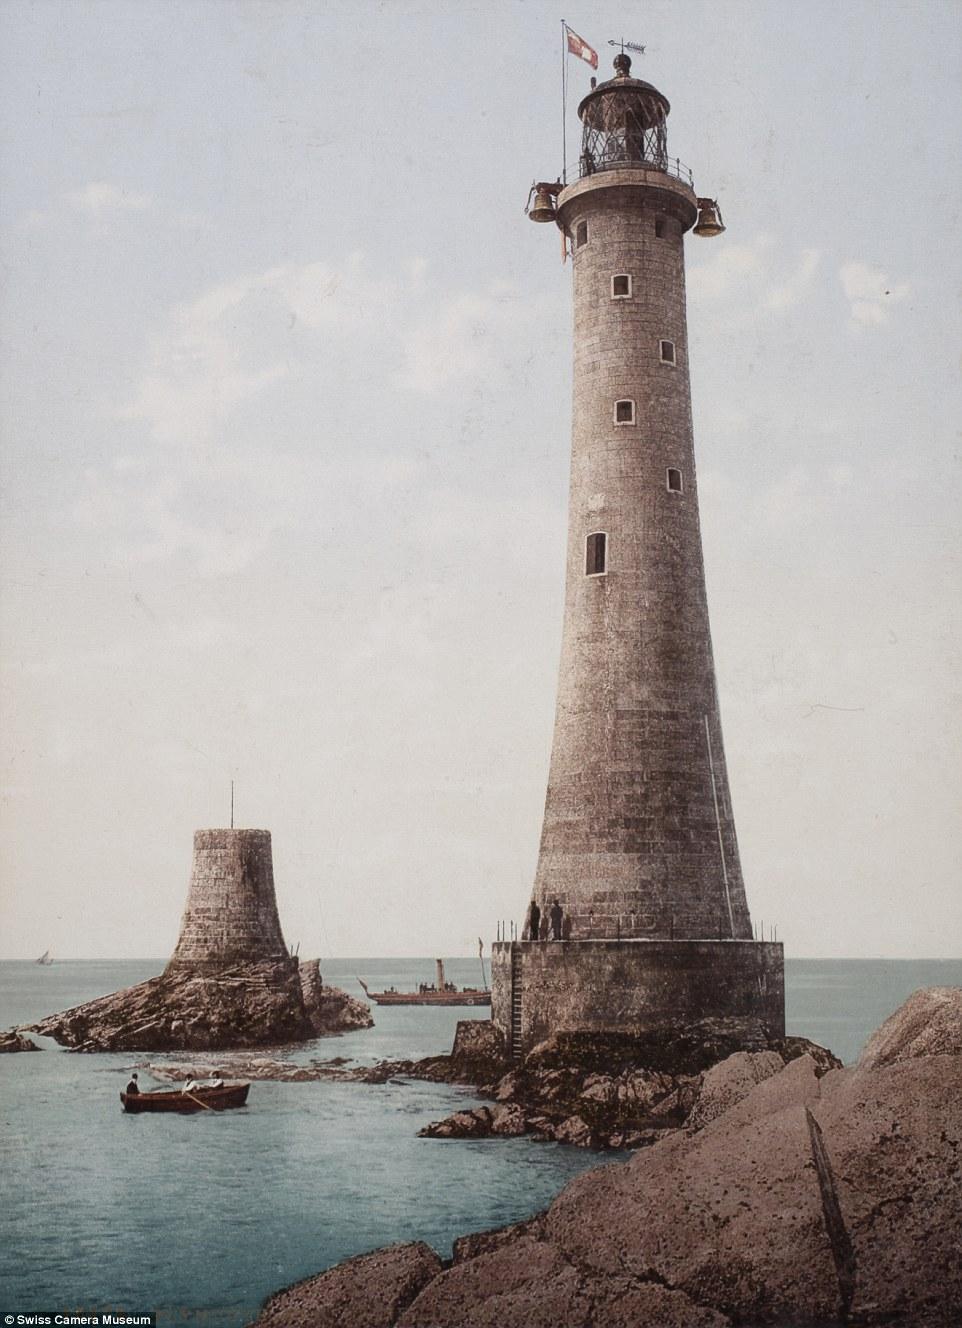 Маяк Эддистон, Плимут, Англия, между 1889 и 1911.